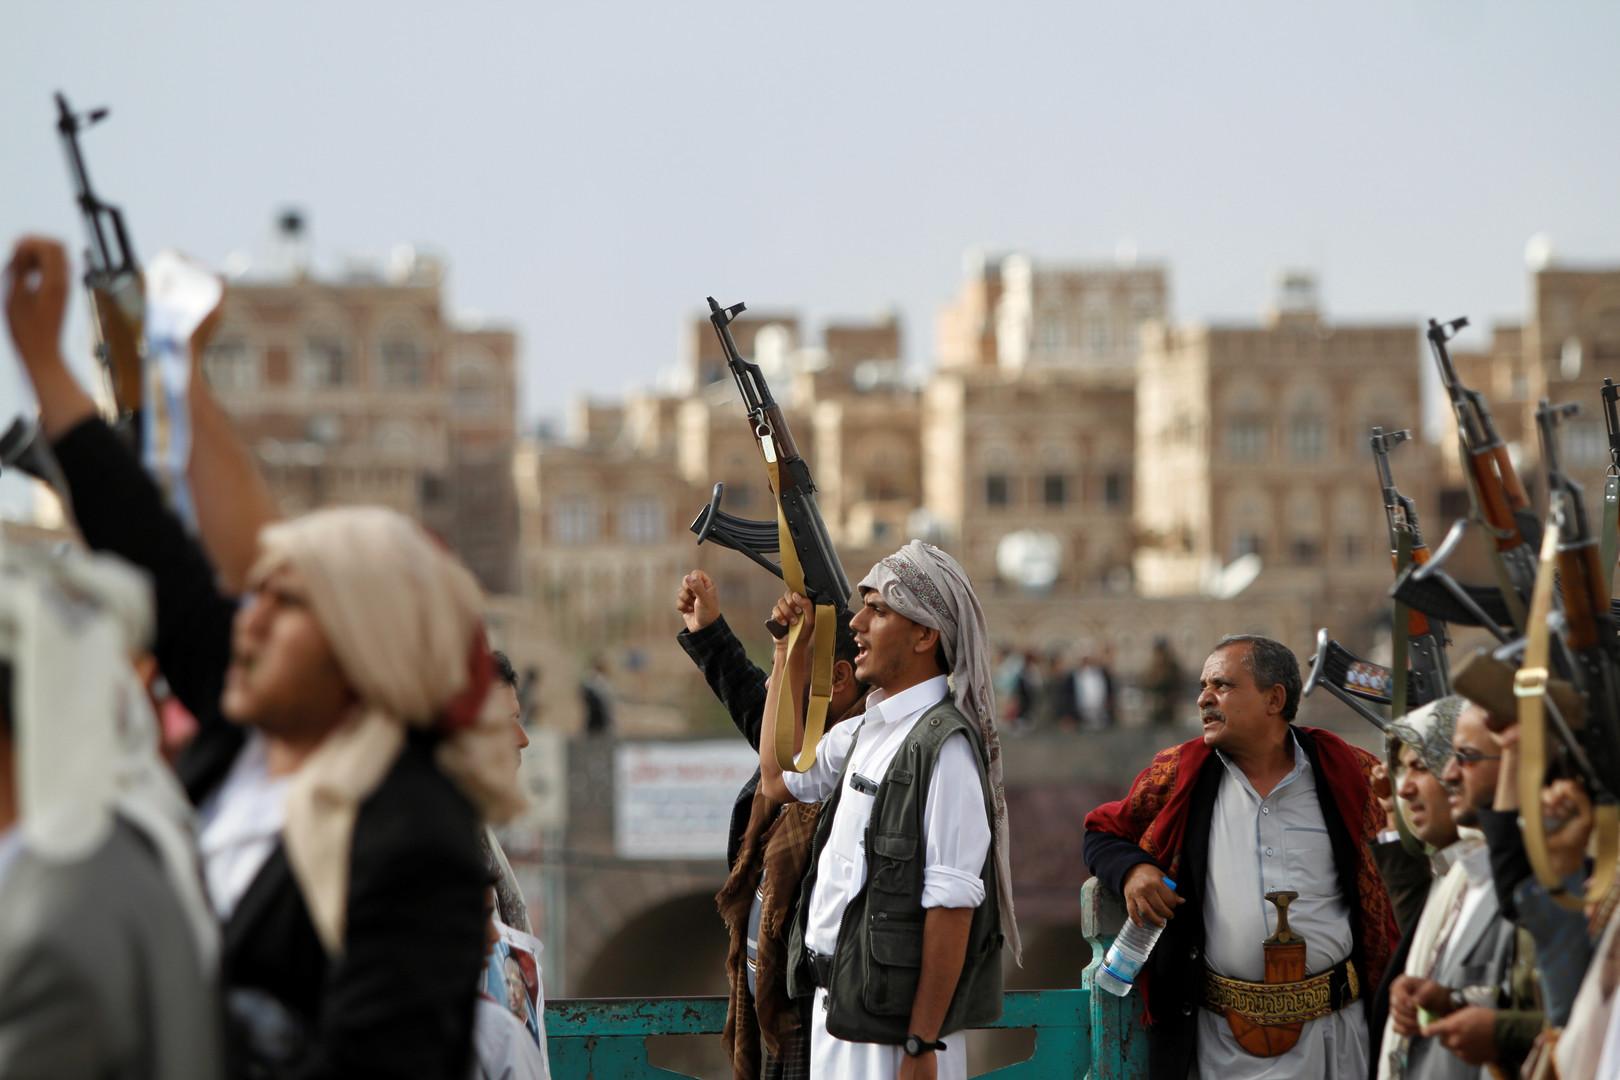 السعودية تدعو المجتمع الدولي لاتخاذ موقف حازم ضد الحوثيين في اليمن